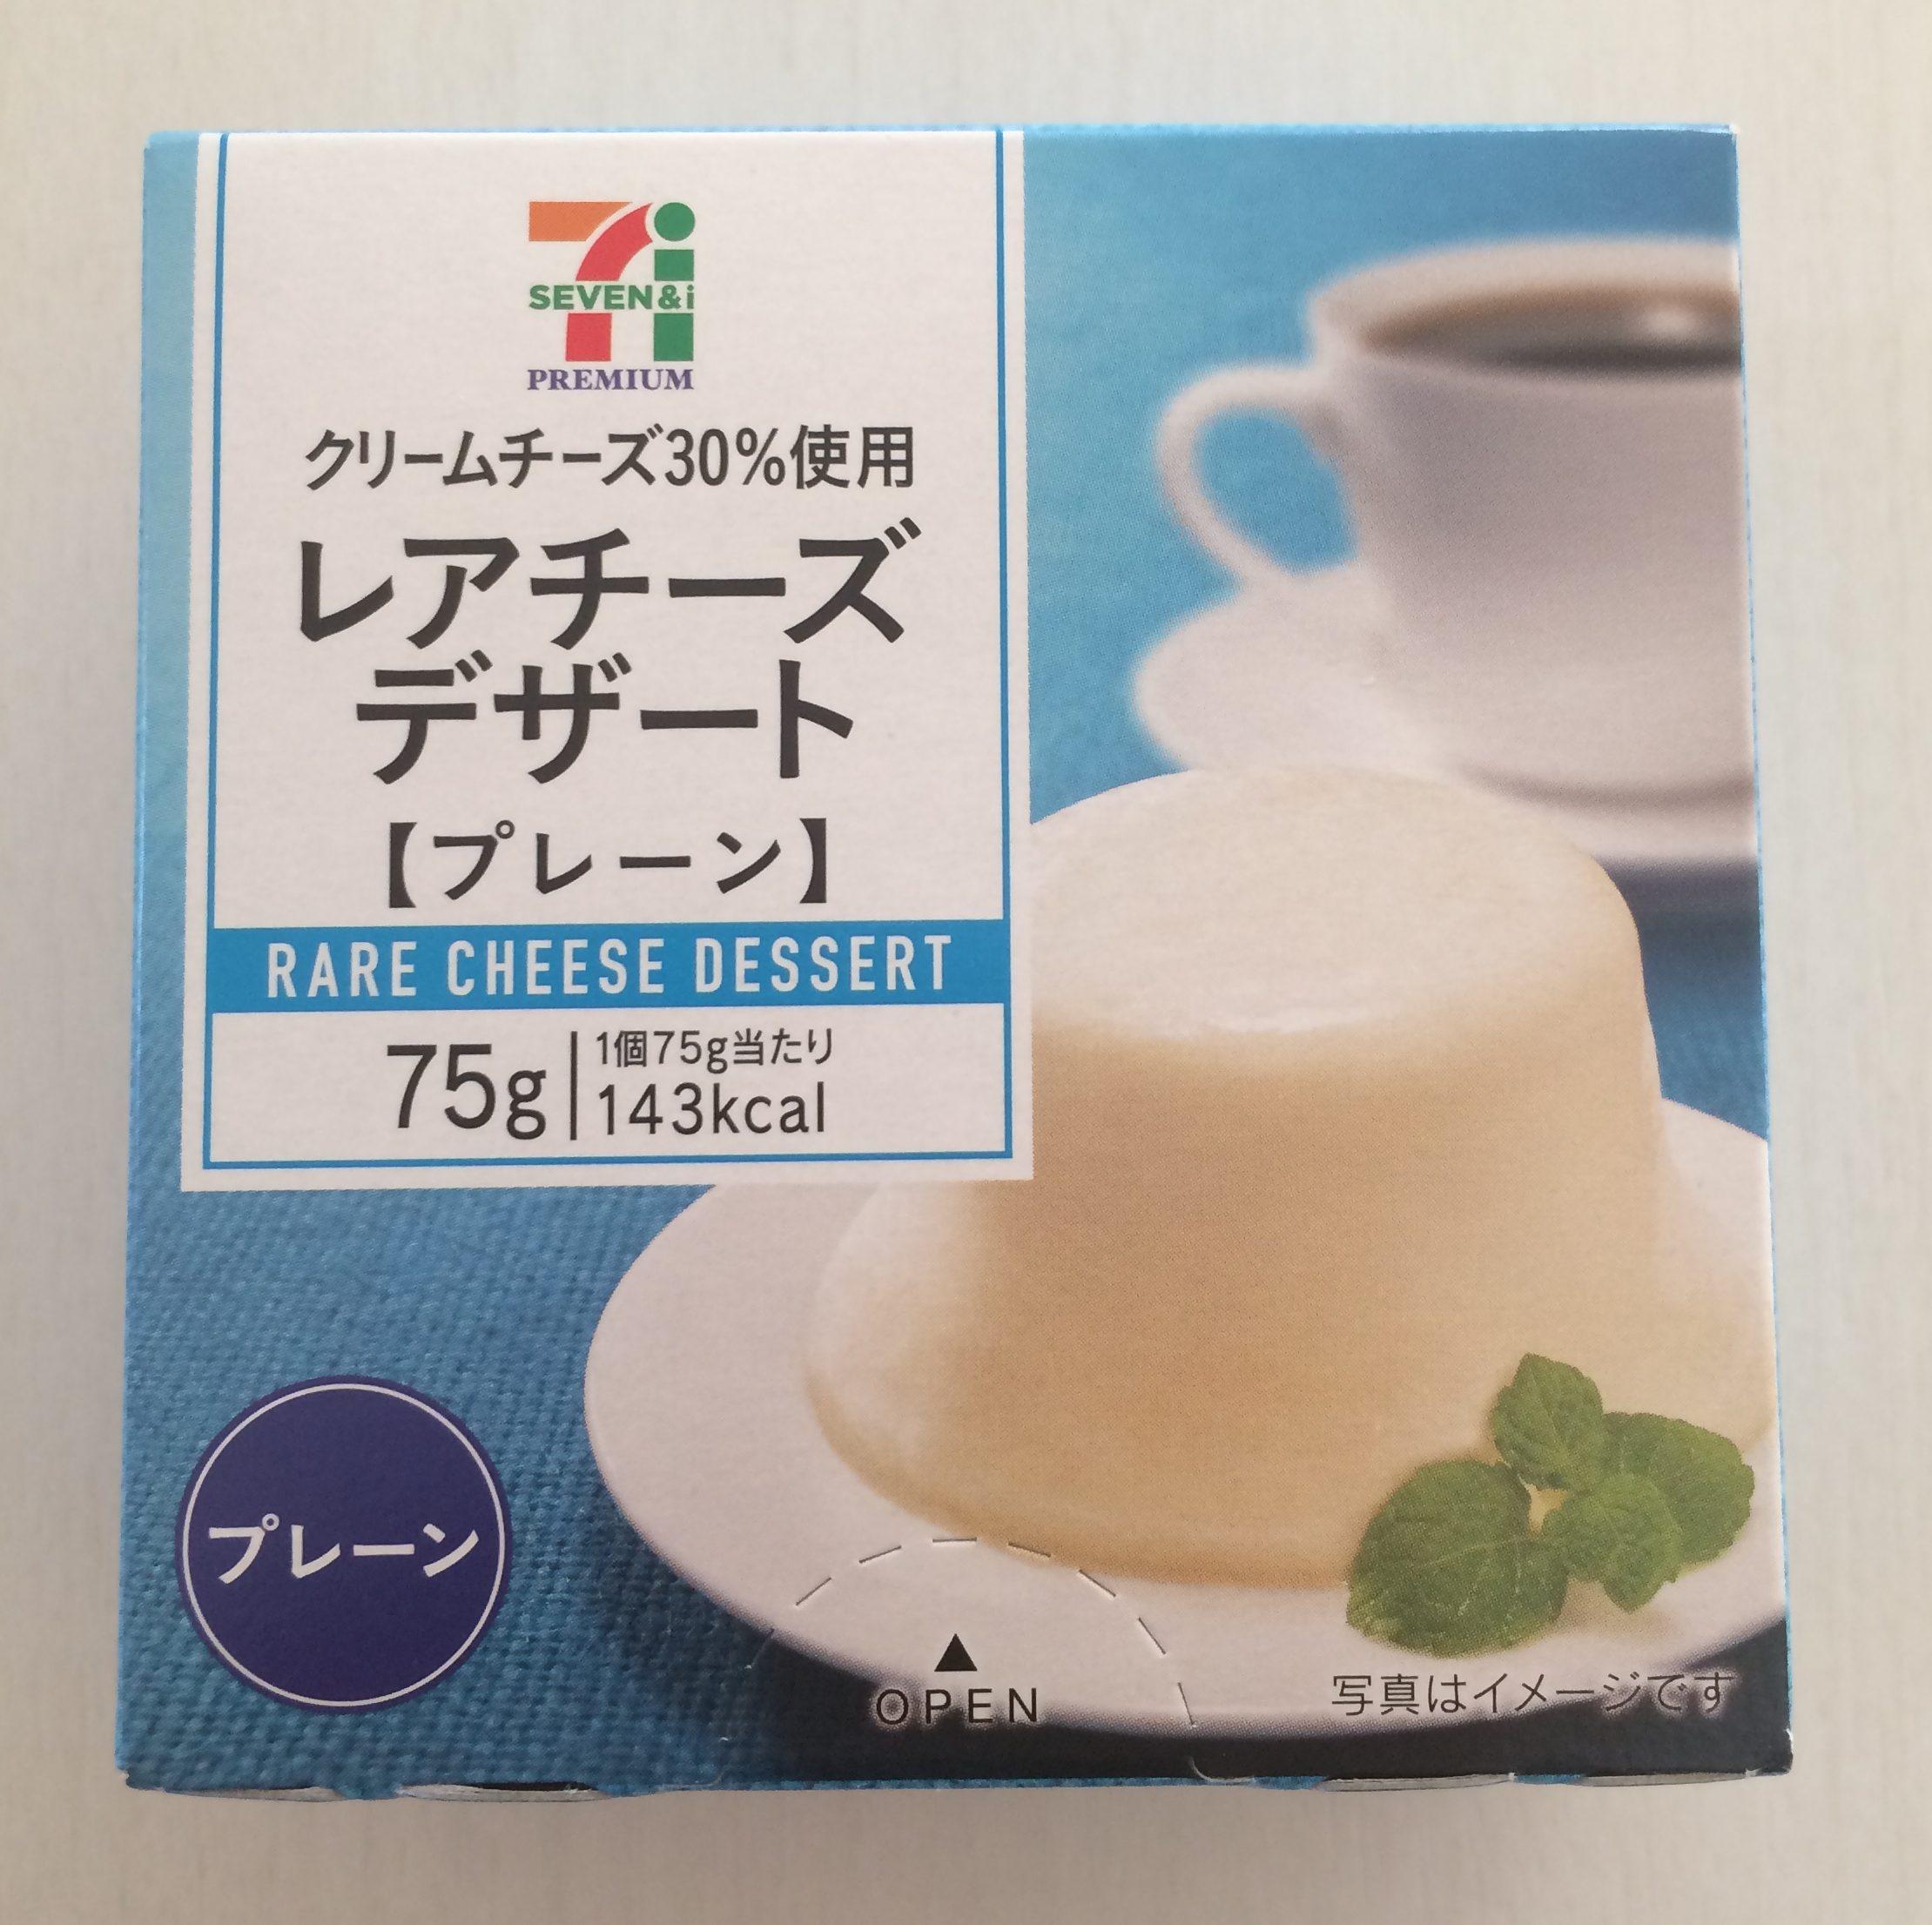 【セブンイレブン】レアチーズデザート プレーン 食べた感想